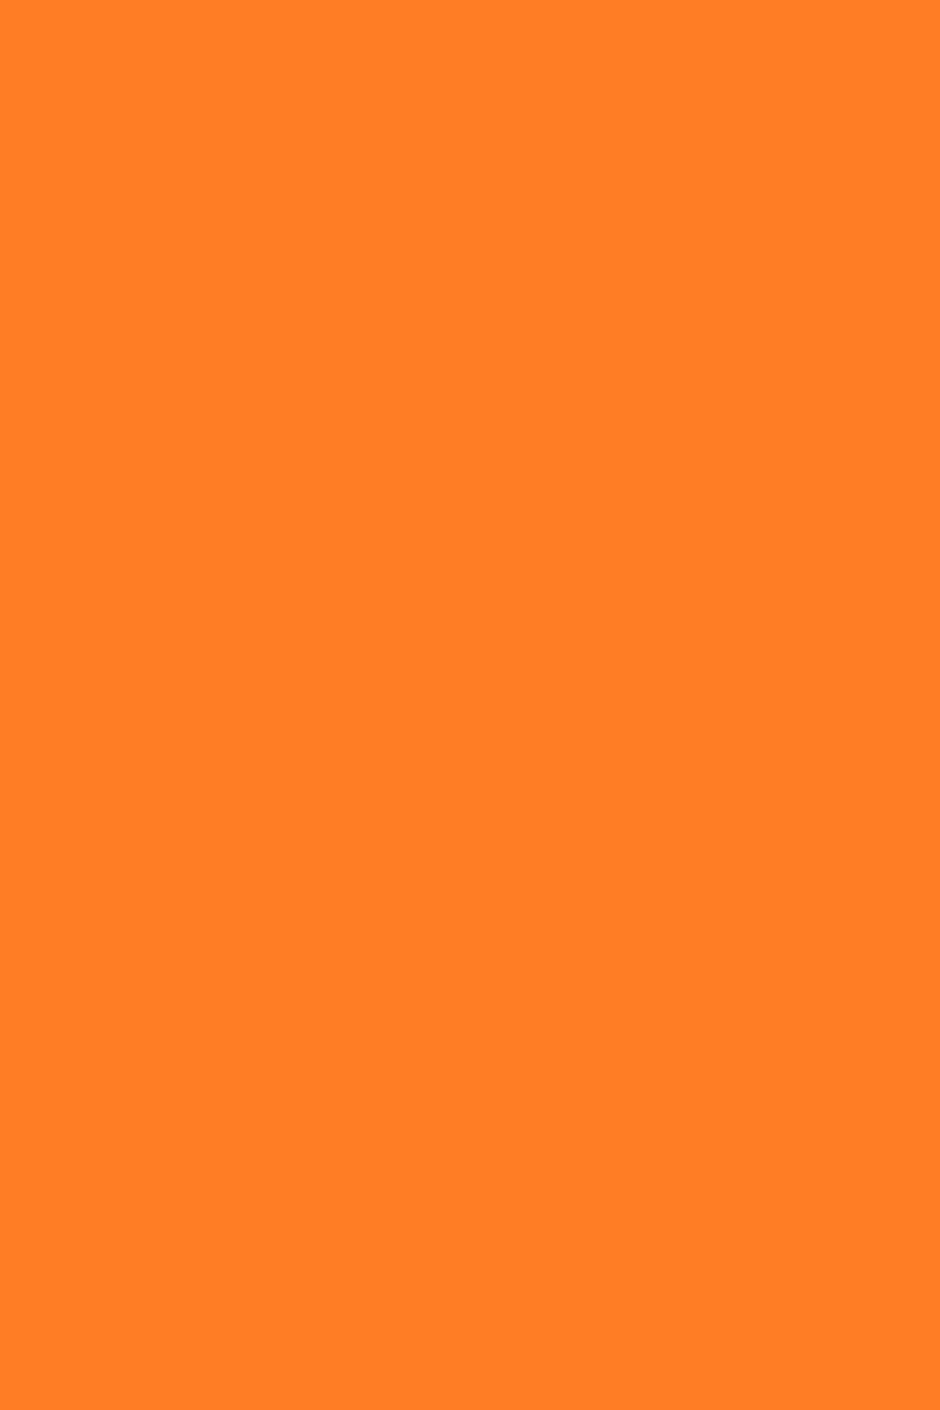 N'assassinons pas nos prévisionnistes pour cette alerte orange qui à postériori nous apparaîtra forcément très mal venue Par Josapha  LUCE